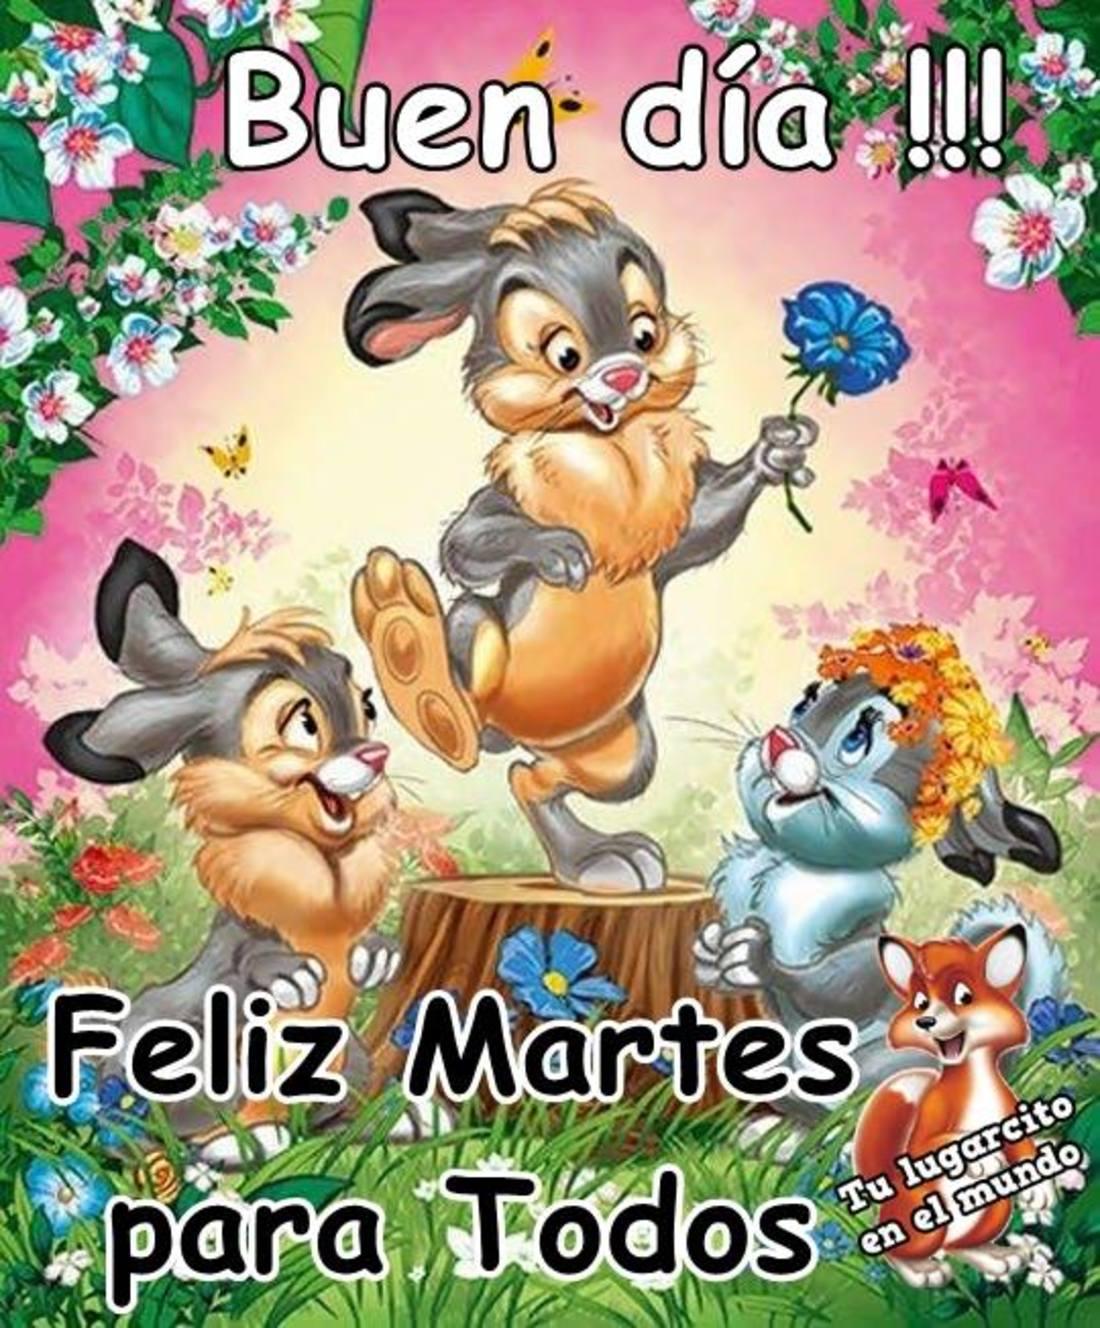 Buen día feliz martes para todos